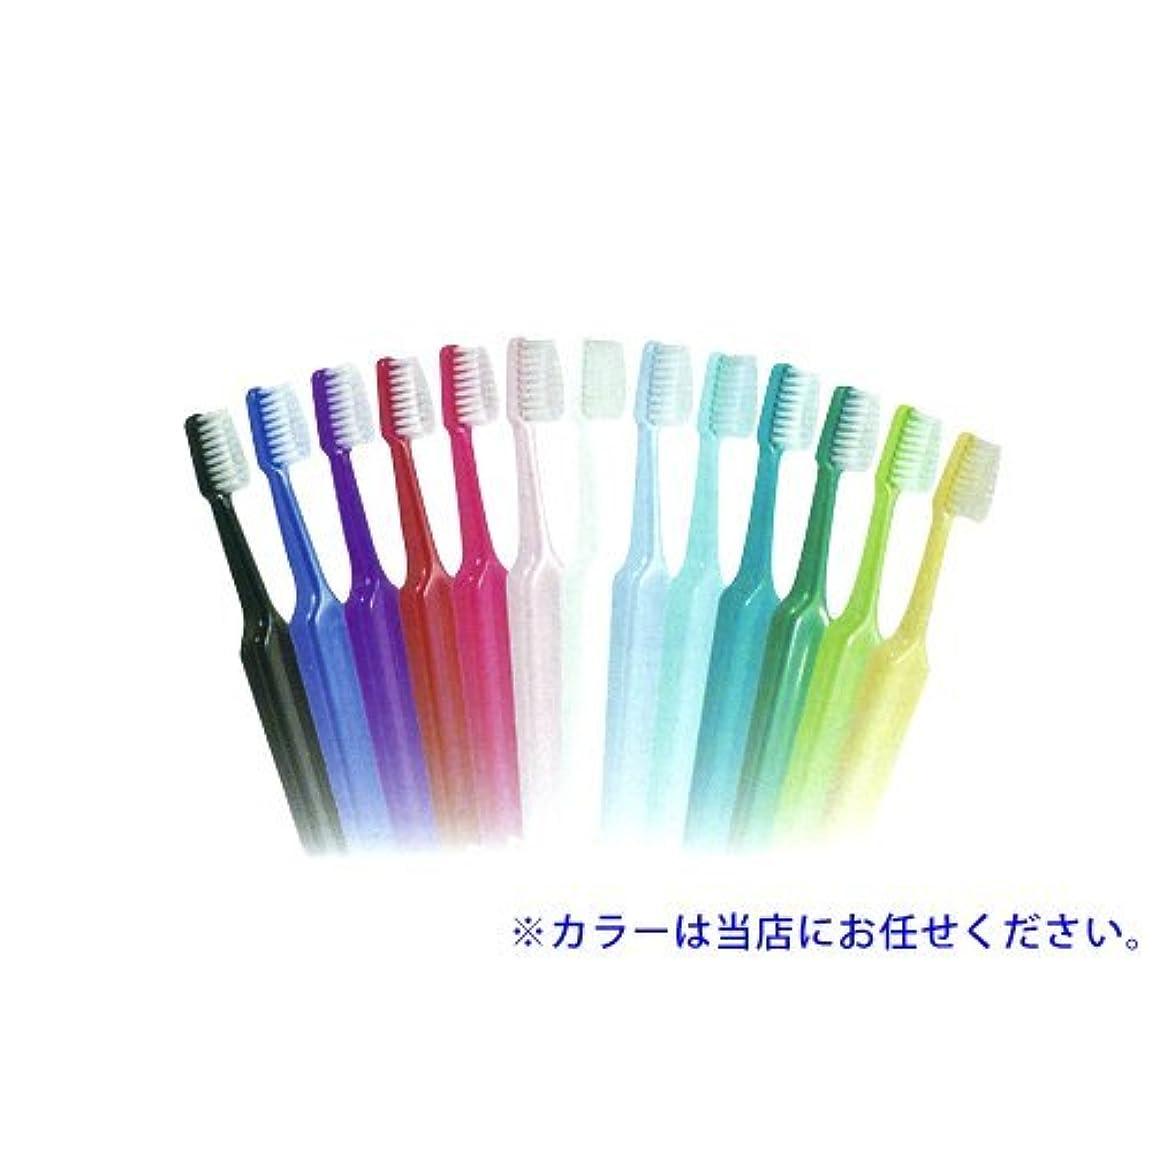 付属品カヌーそのクロスフィールド TePe テペ セレクトミニ 歯ブラシ 1本 ソフト